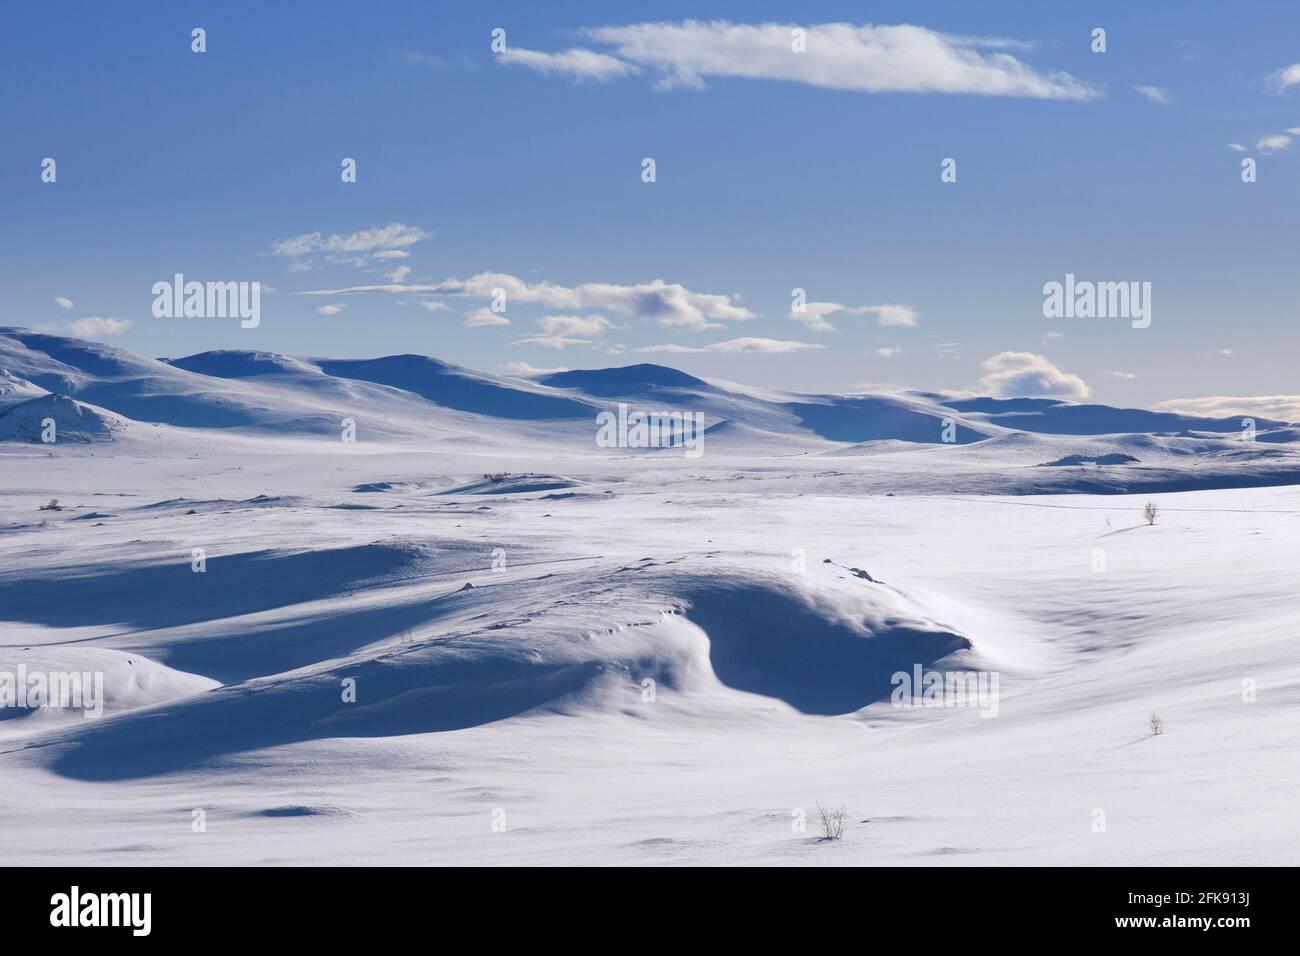 Paysage de montagne couvert de neige dans le parc national de Dovrefjell–Sunndalsfjella en hiver, en Norvège Banque D'Images